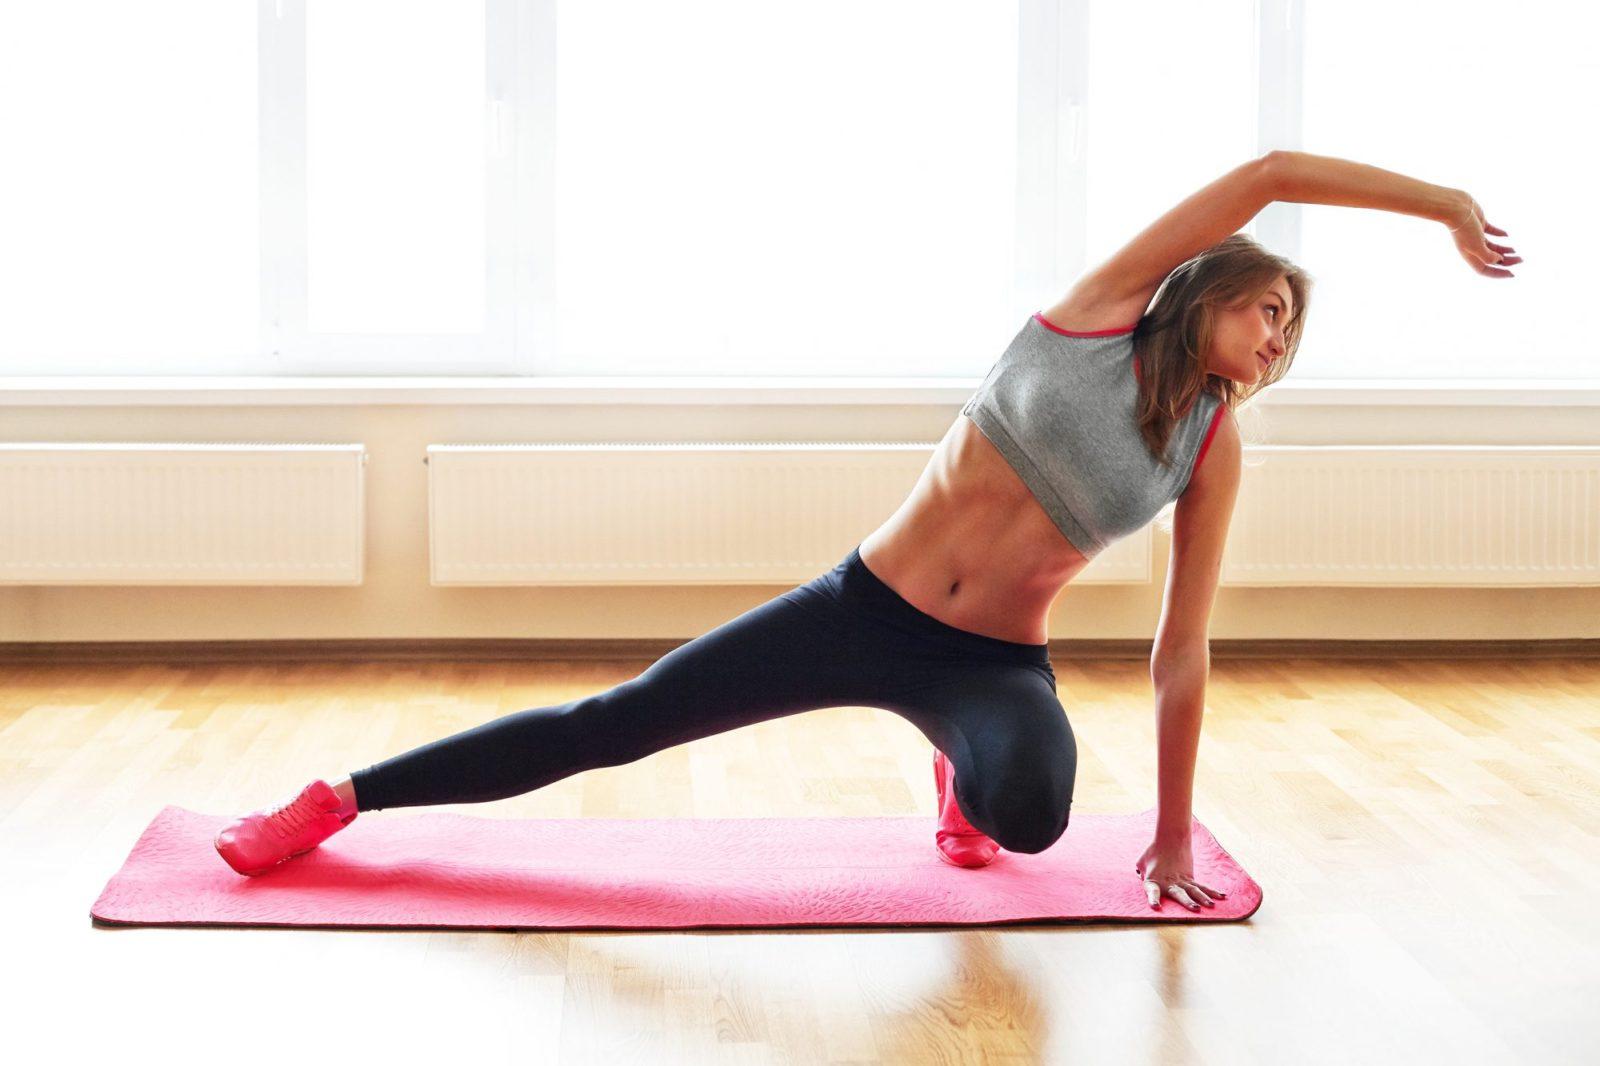 Домашний фитнес для женщин, как заставить себя заниматься?